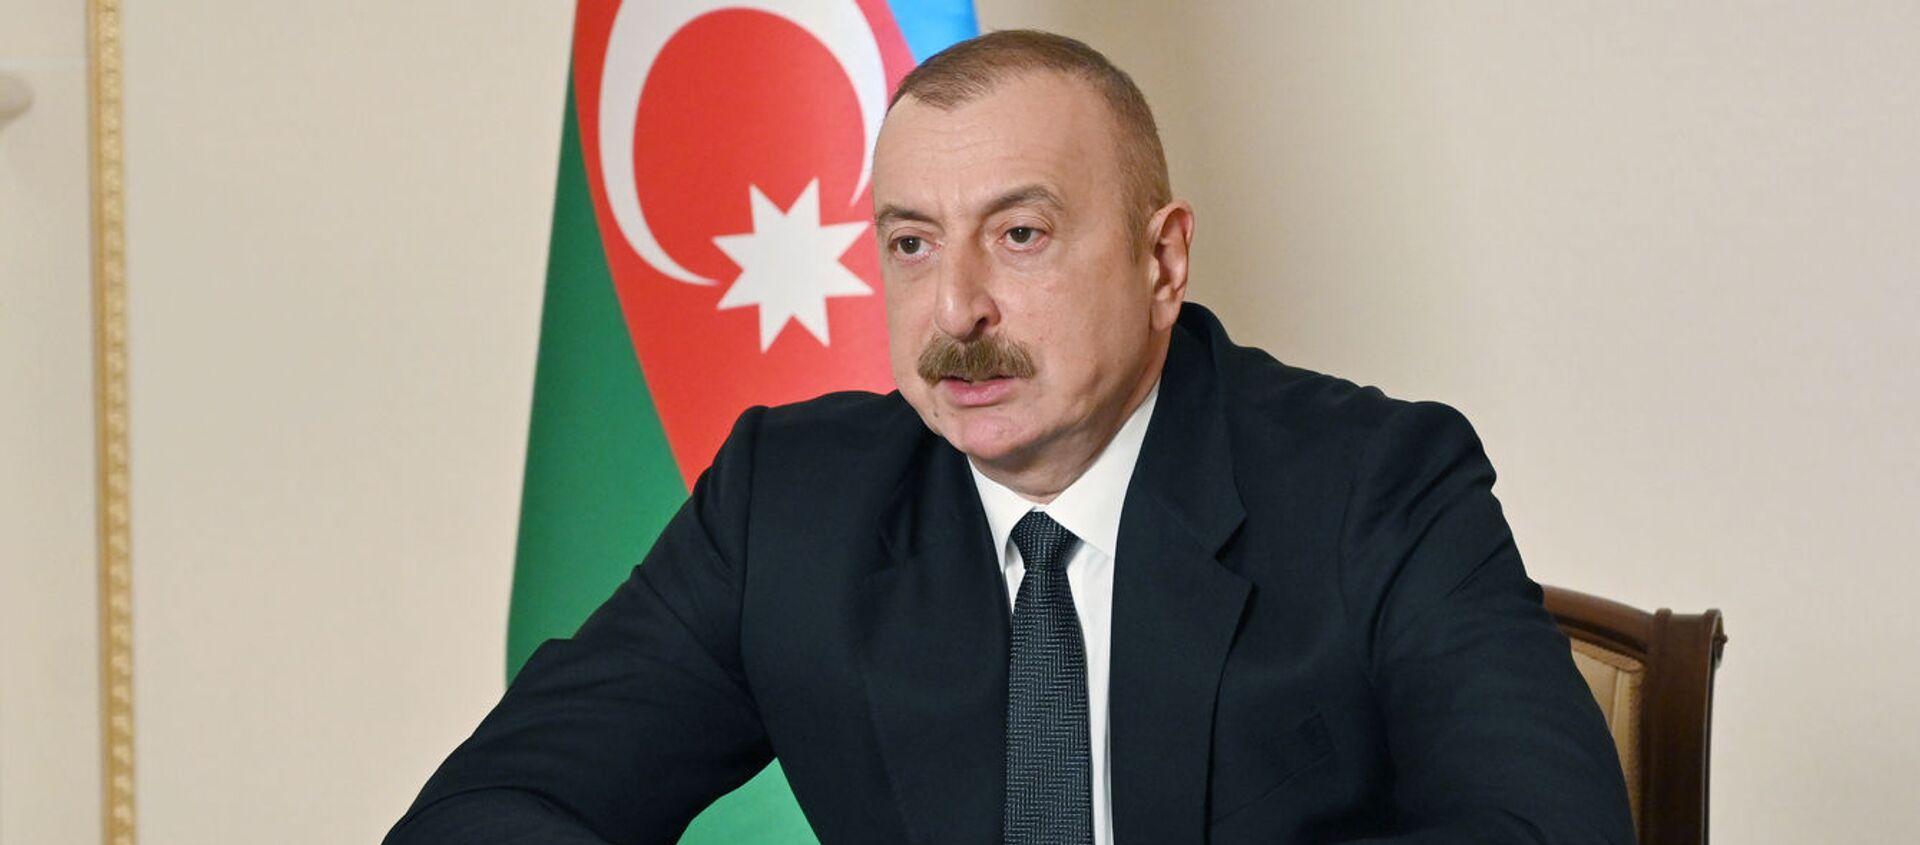 Президент Азербайджана Ильхам Алиев - Sputnik Азербайджан, 1920, 11.02.2021